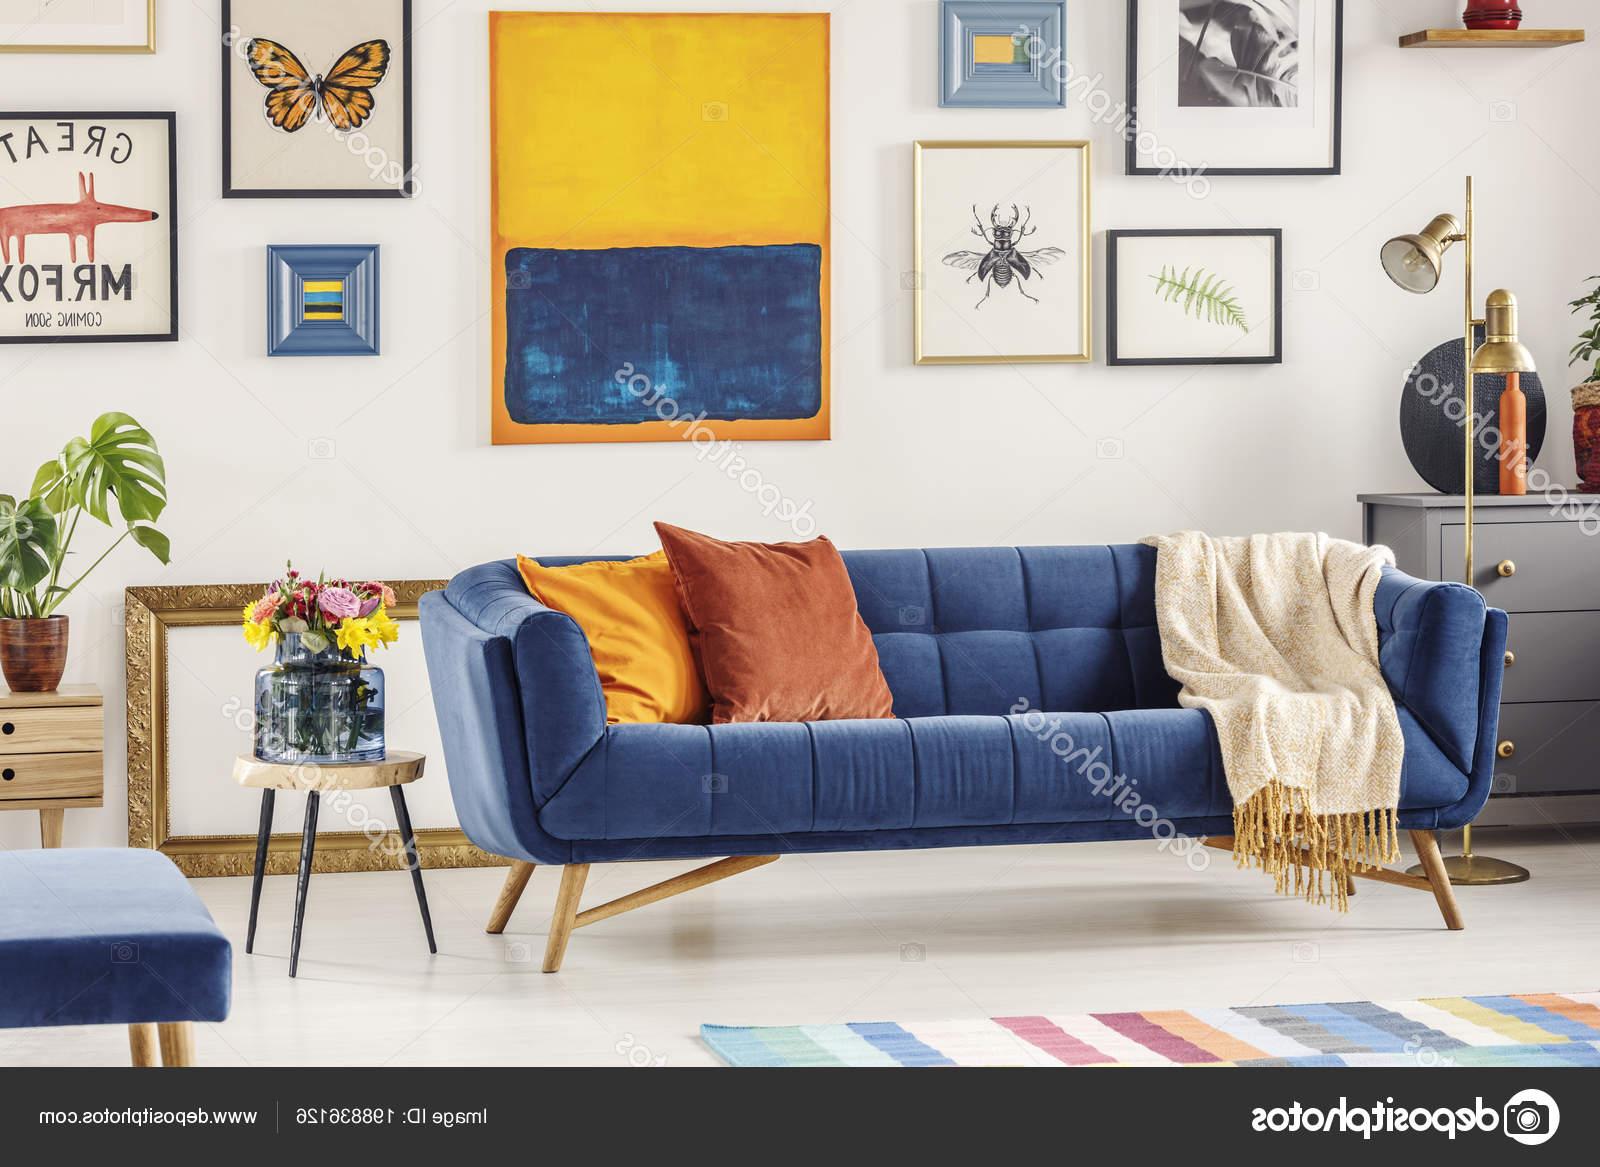 Sofa Azul Marino S5d8 Foto Real sofà Azul Marino Con Una Manta Almohadas Naranja Foto De